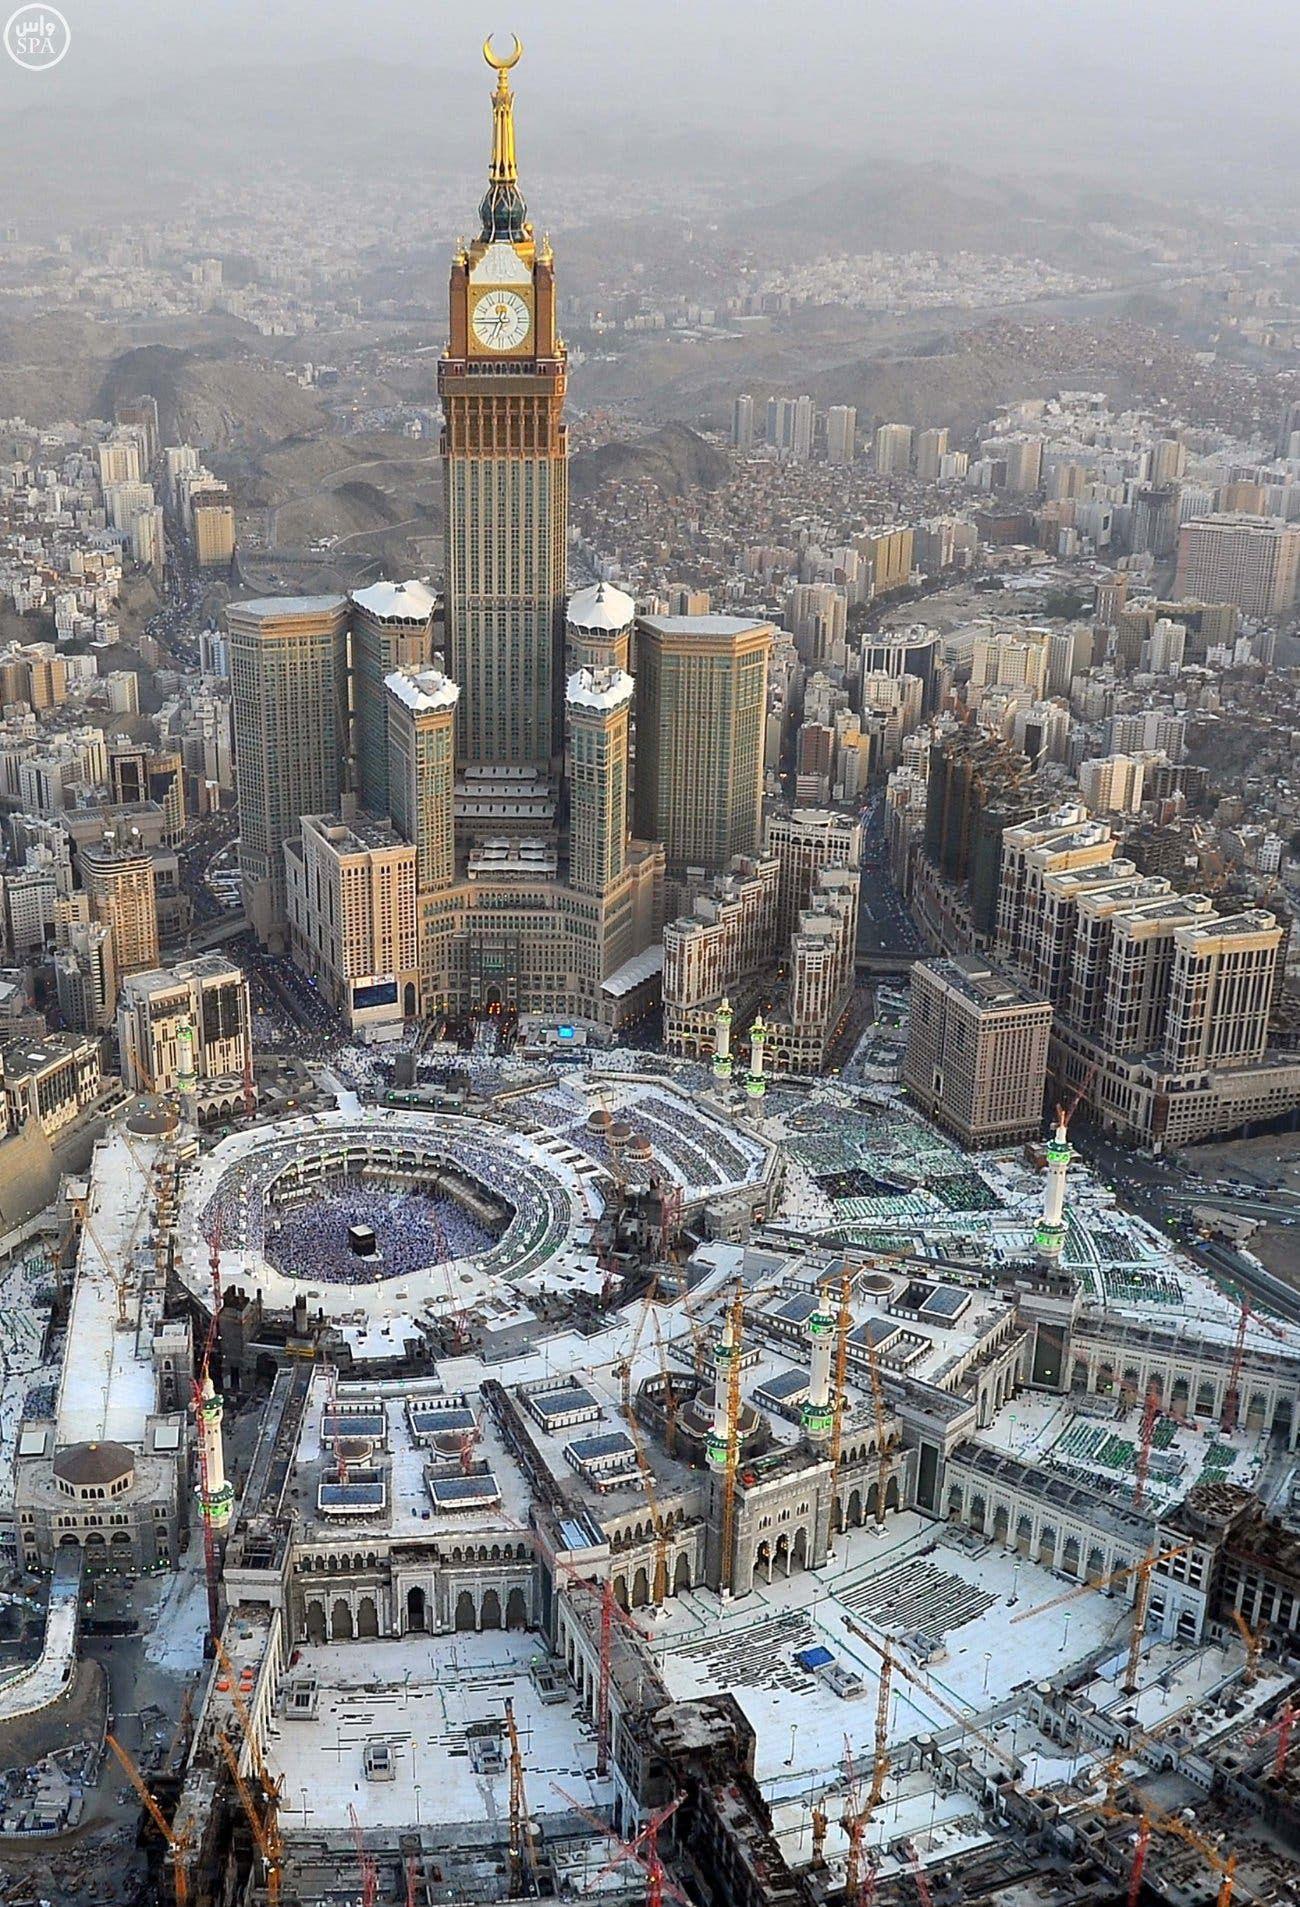 بالصور مشهد روحاني لـ المسجد الحرام عند الغروب In 2021 Mecca Hotel Phoenix Wallpaper Islamic Pictures